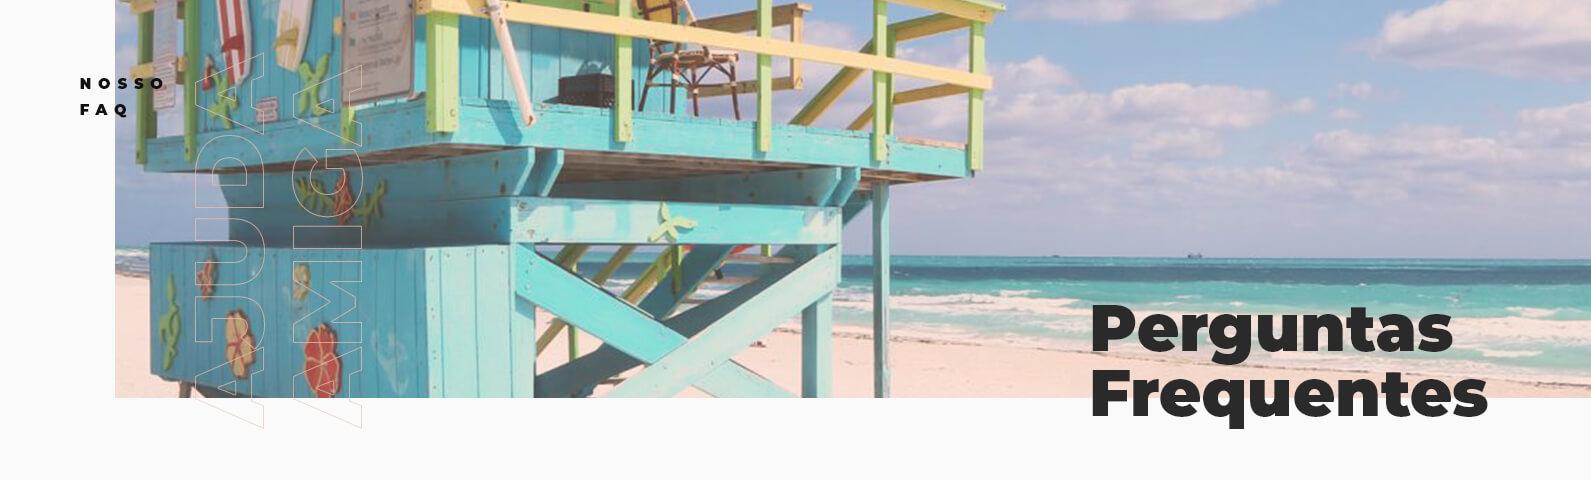 Na imagem se encontra uma casa de salva-vidas na beira da praia, com texto escrito 'perguntas frequentes'.